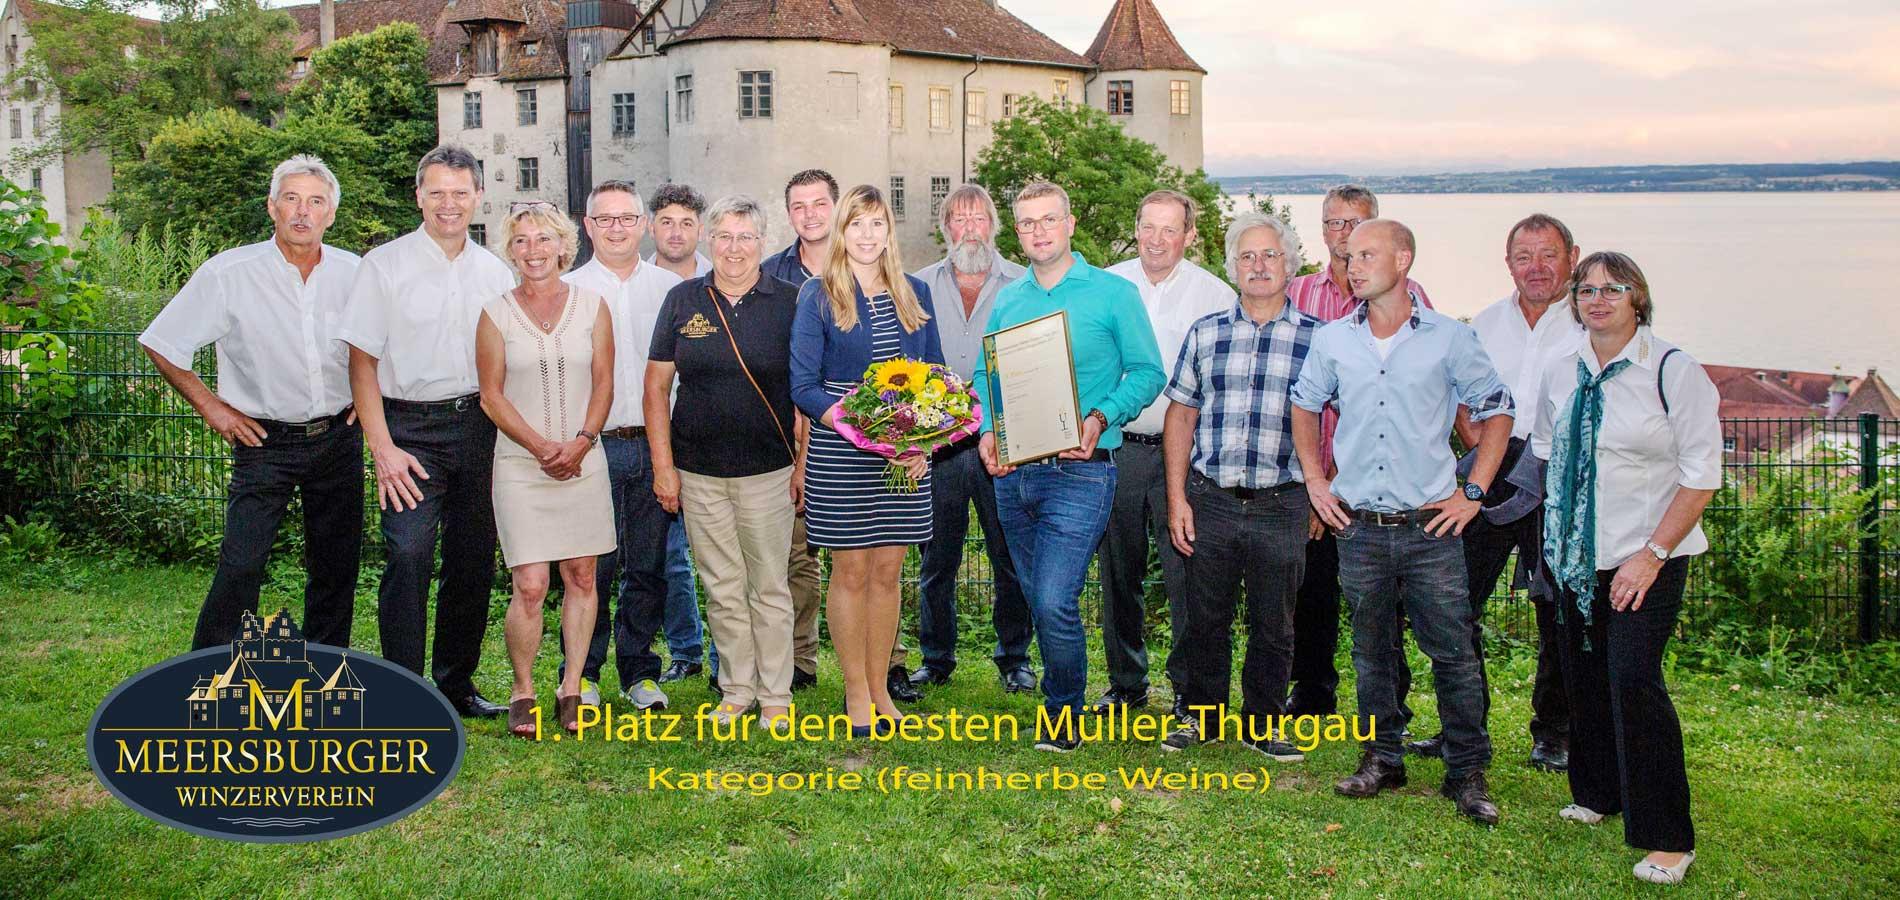 Winzerverein Meersburg 1. Platz für den besten Müller-Thurgau